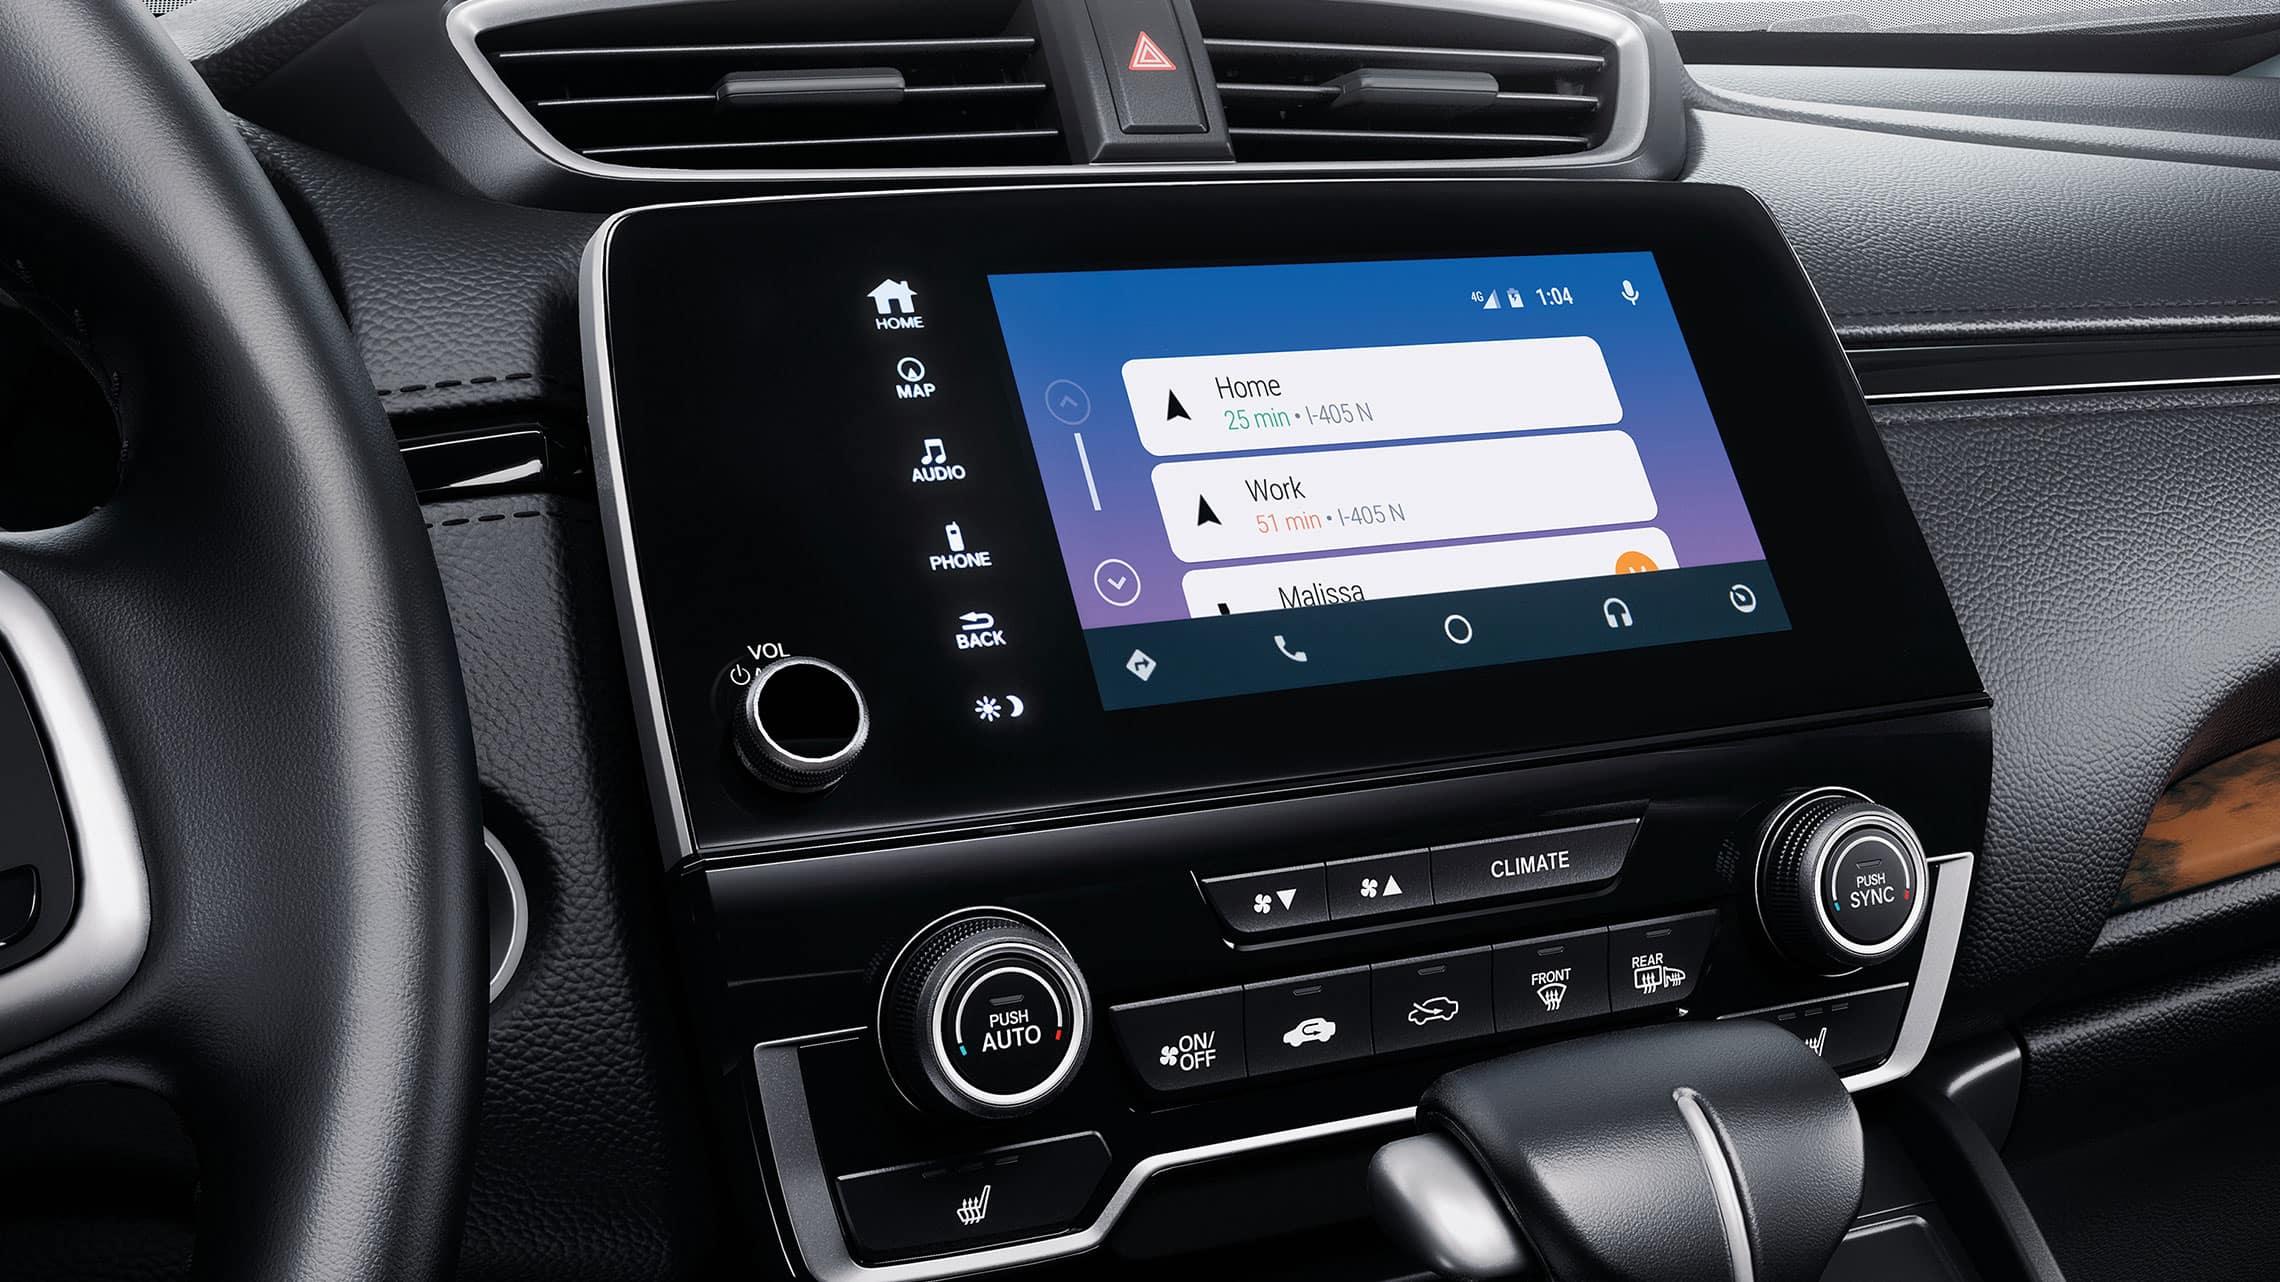 Detalle del menú de integración con Android Auto™ en el sistema de audio en pantalla táctil en la Honda CR-V2021.